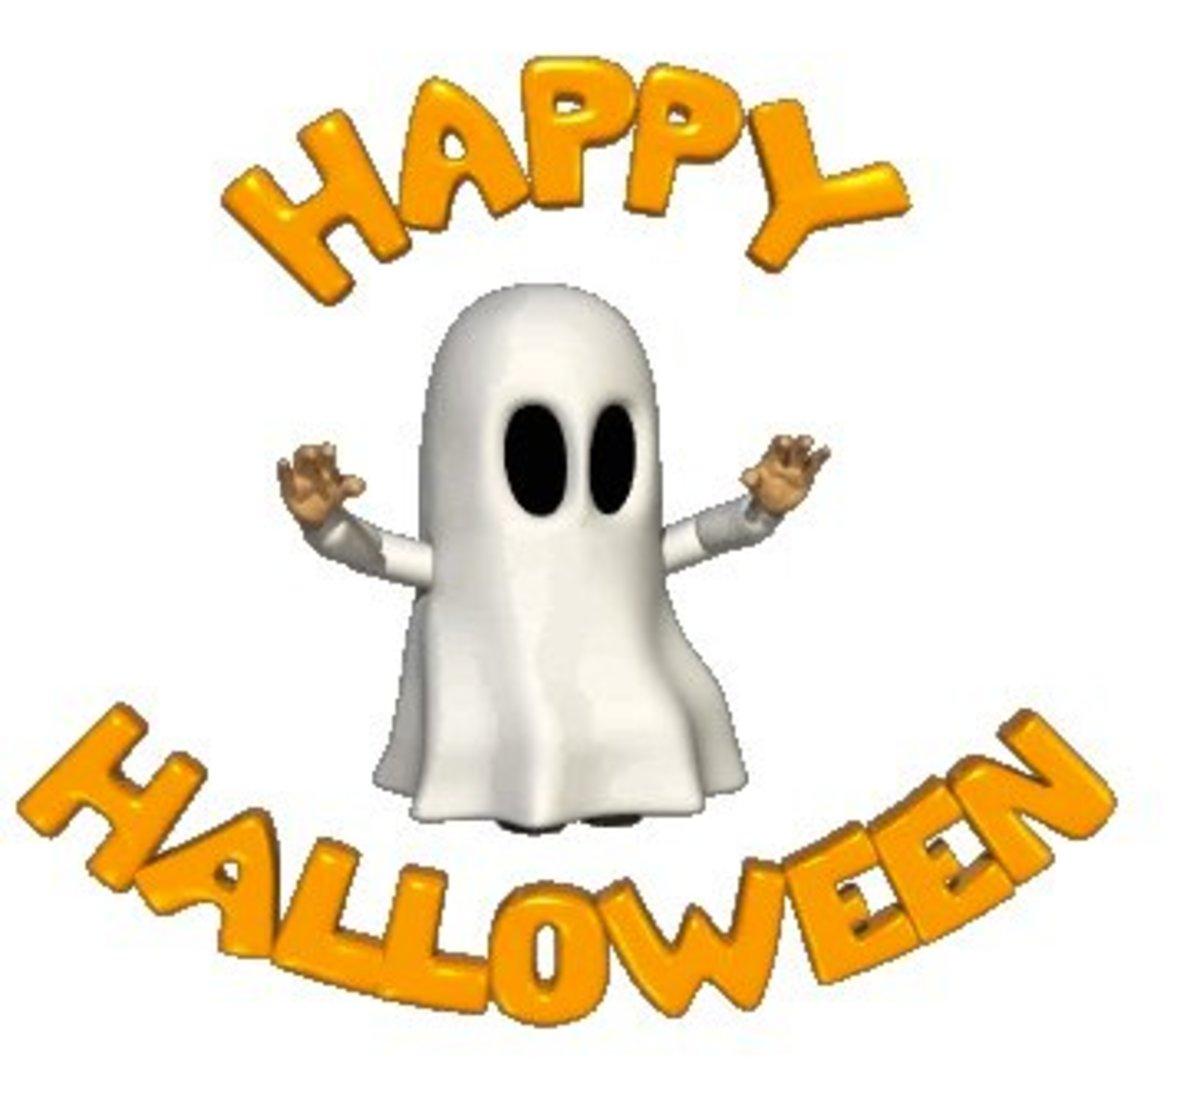 halloween fun facts